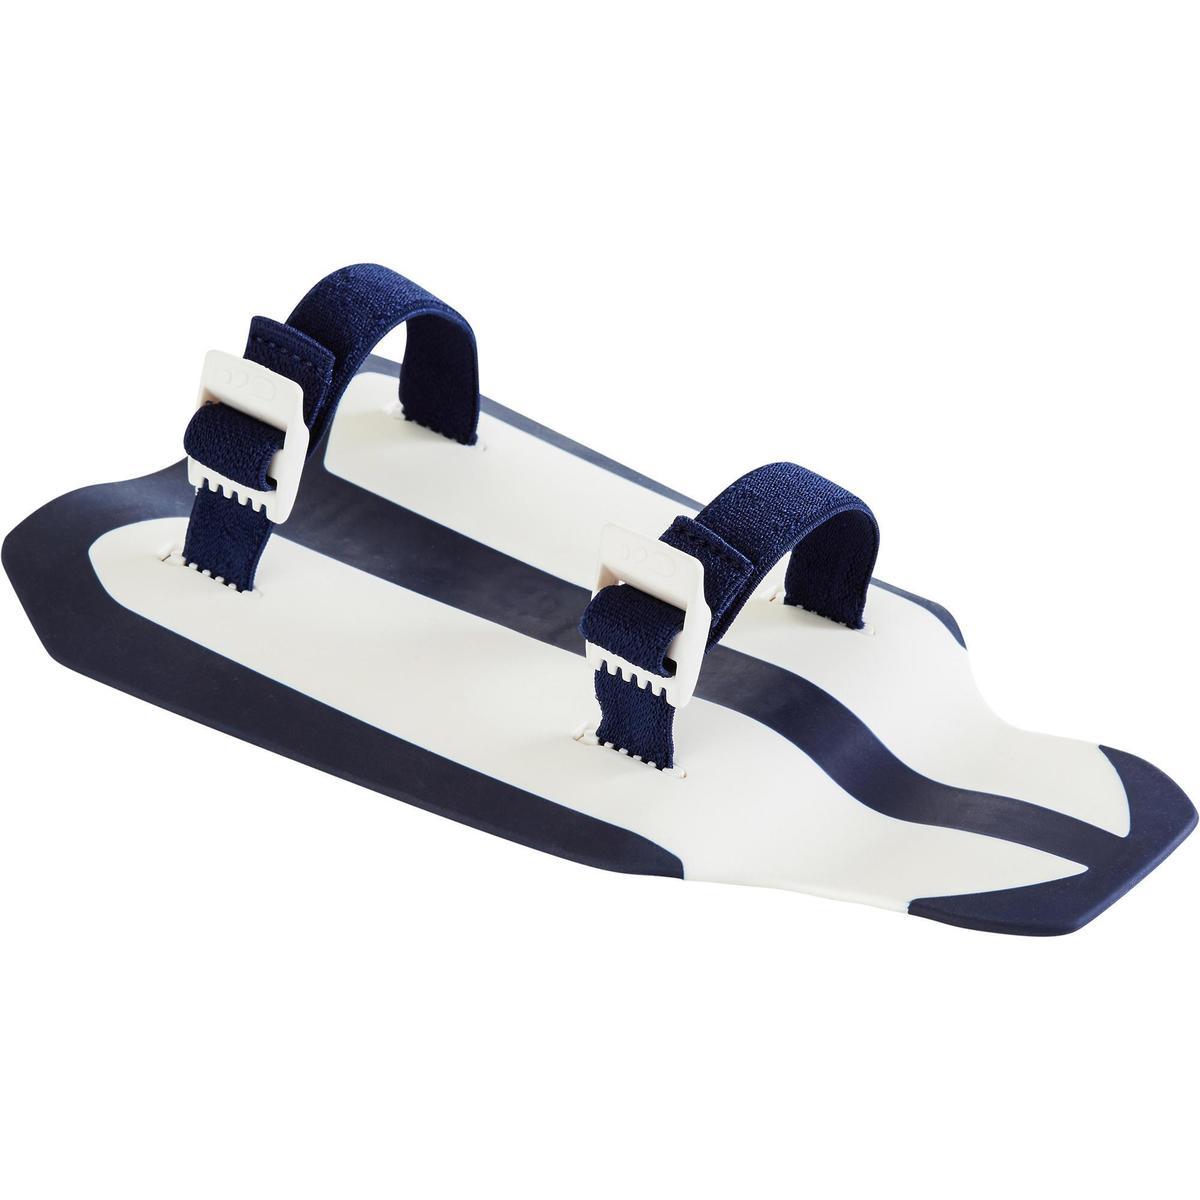 Bild 1 von Schwimmpaddles Easystroke weiß/dunkelblau